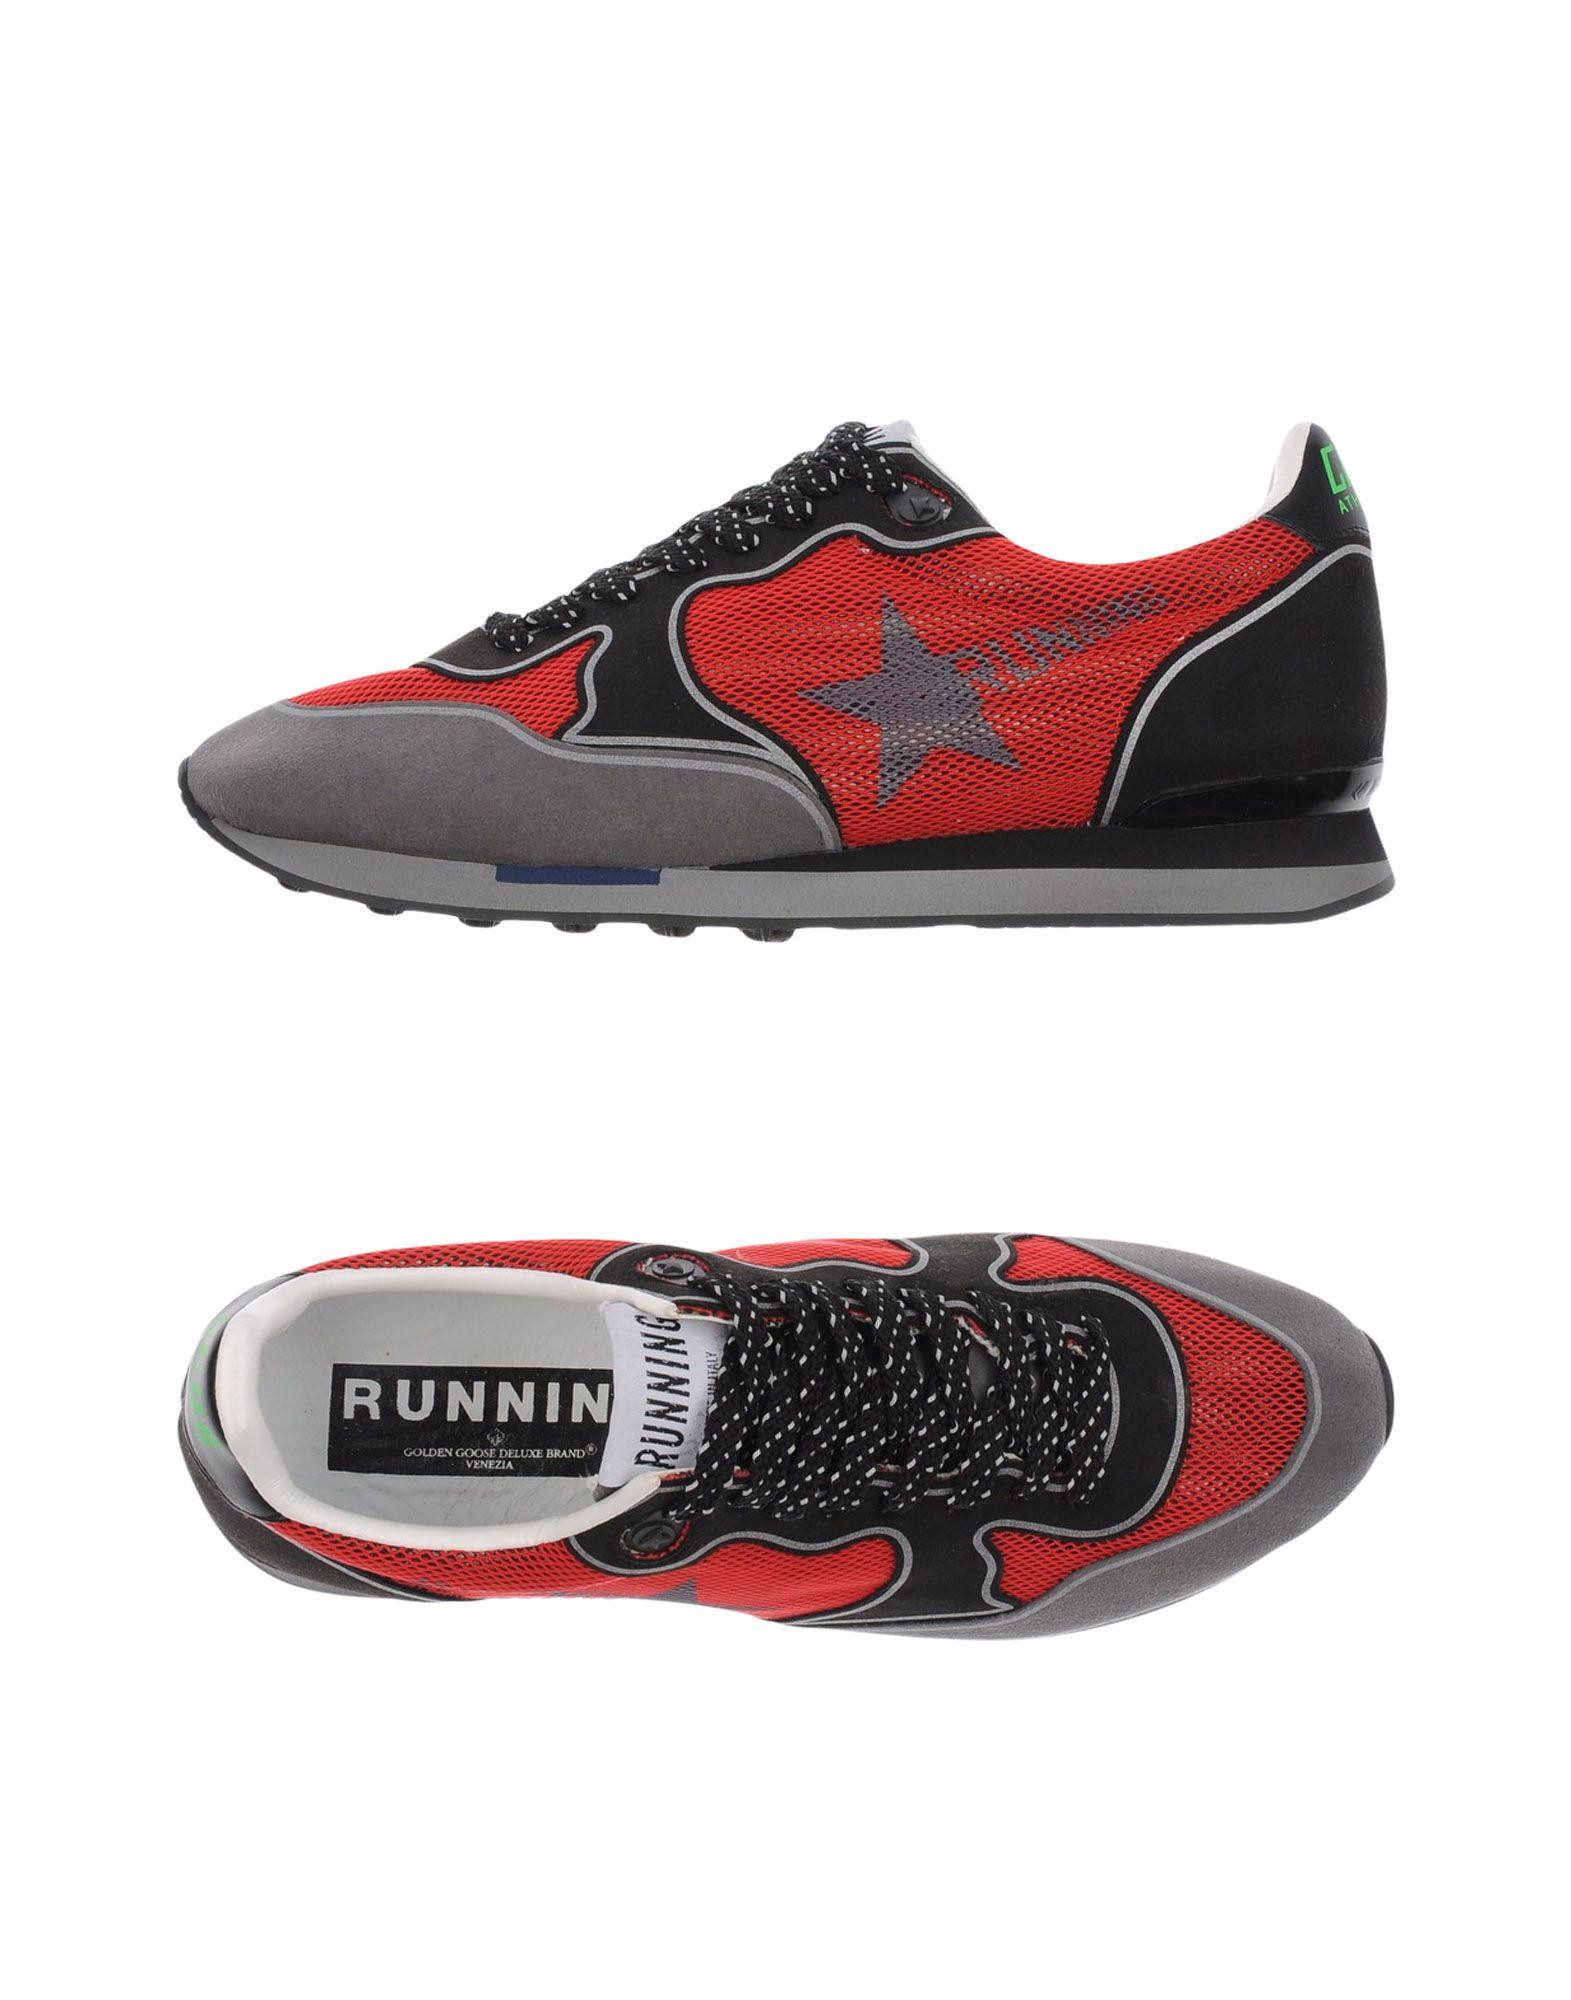 Golden Goose Deluxe Brand Sneakers Qualität Herren  11237169US Gute Qualität Sneakers beliebte Schuhe 5e2ebc